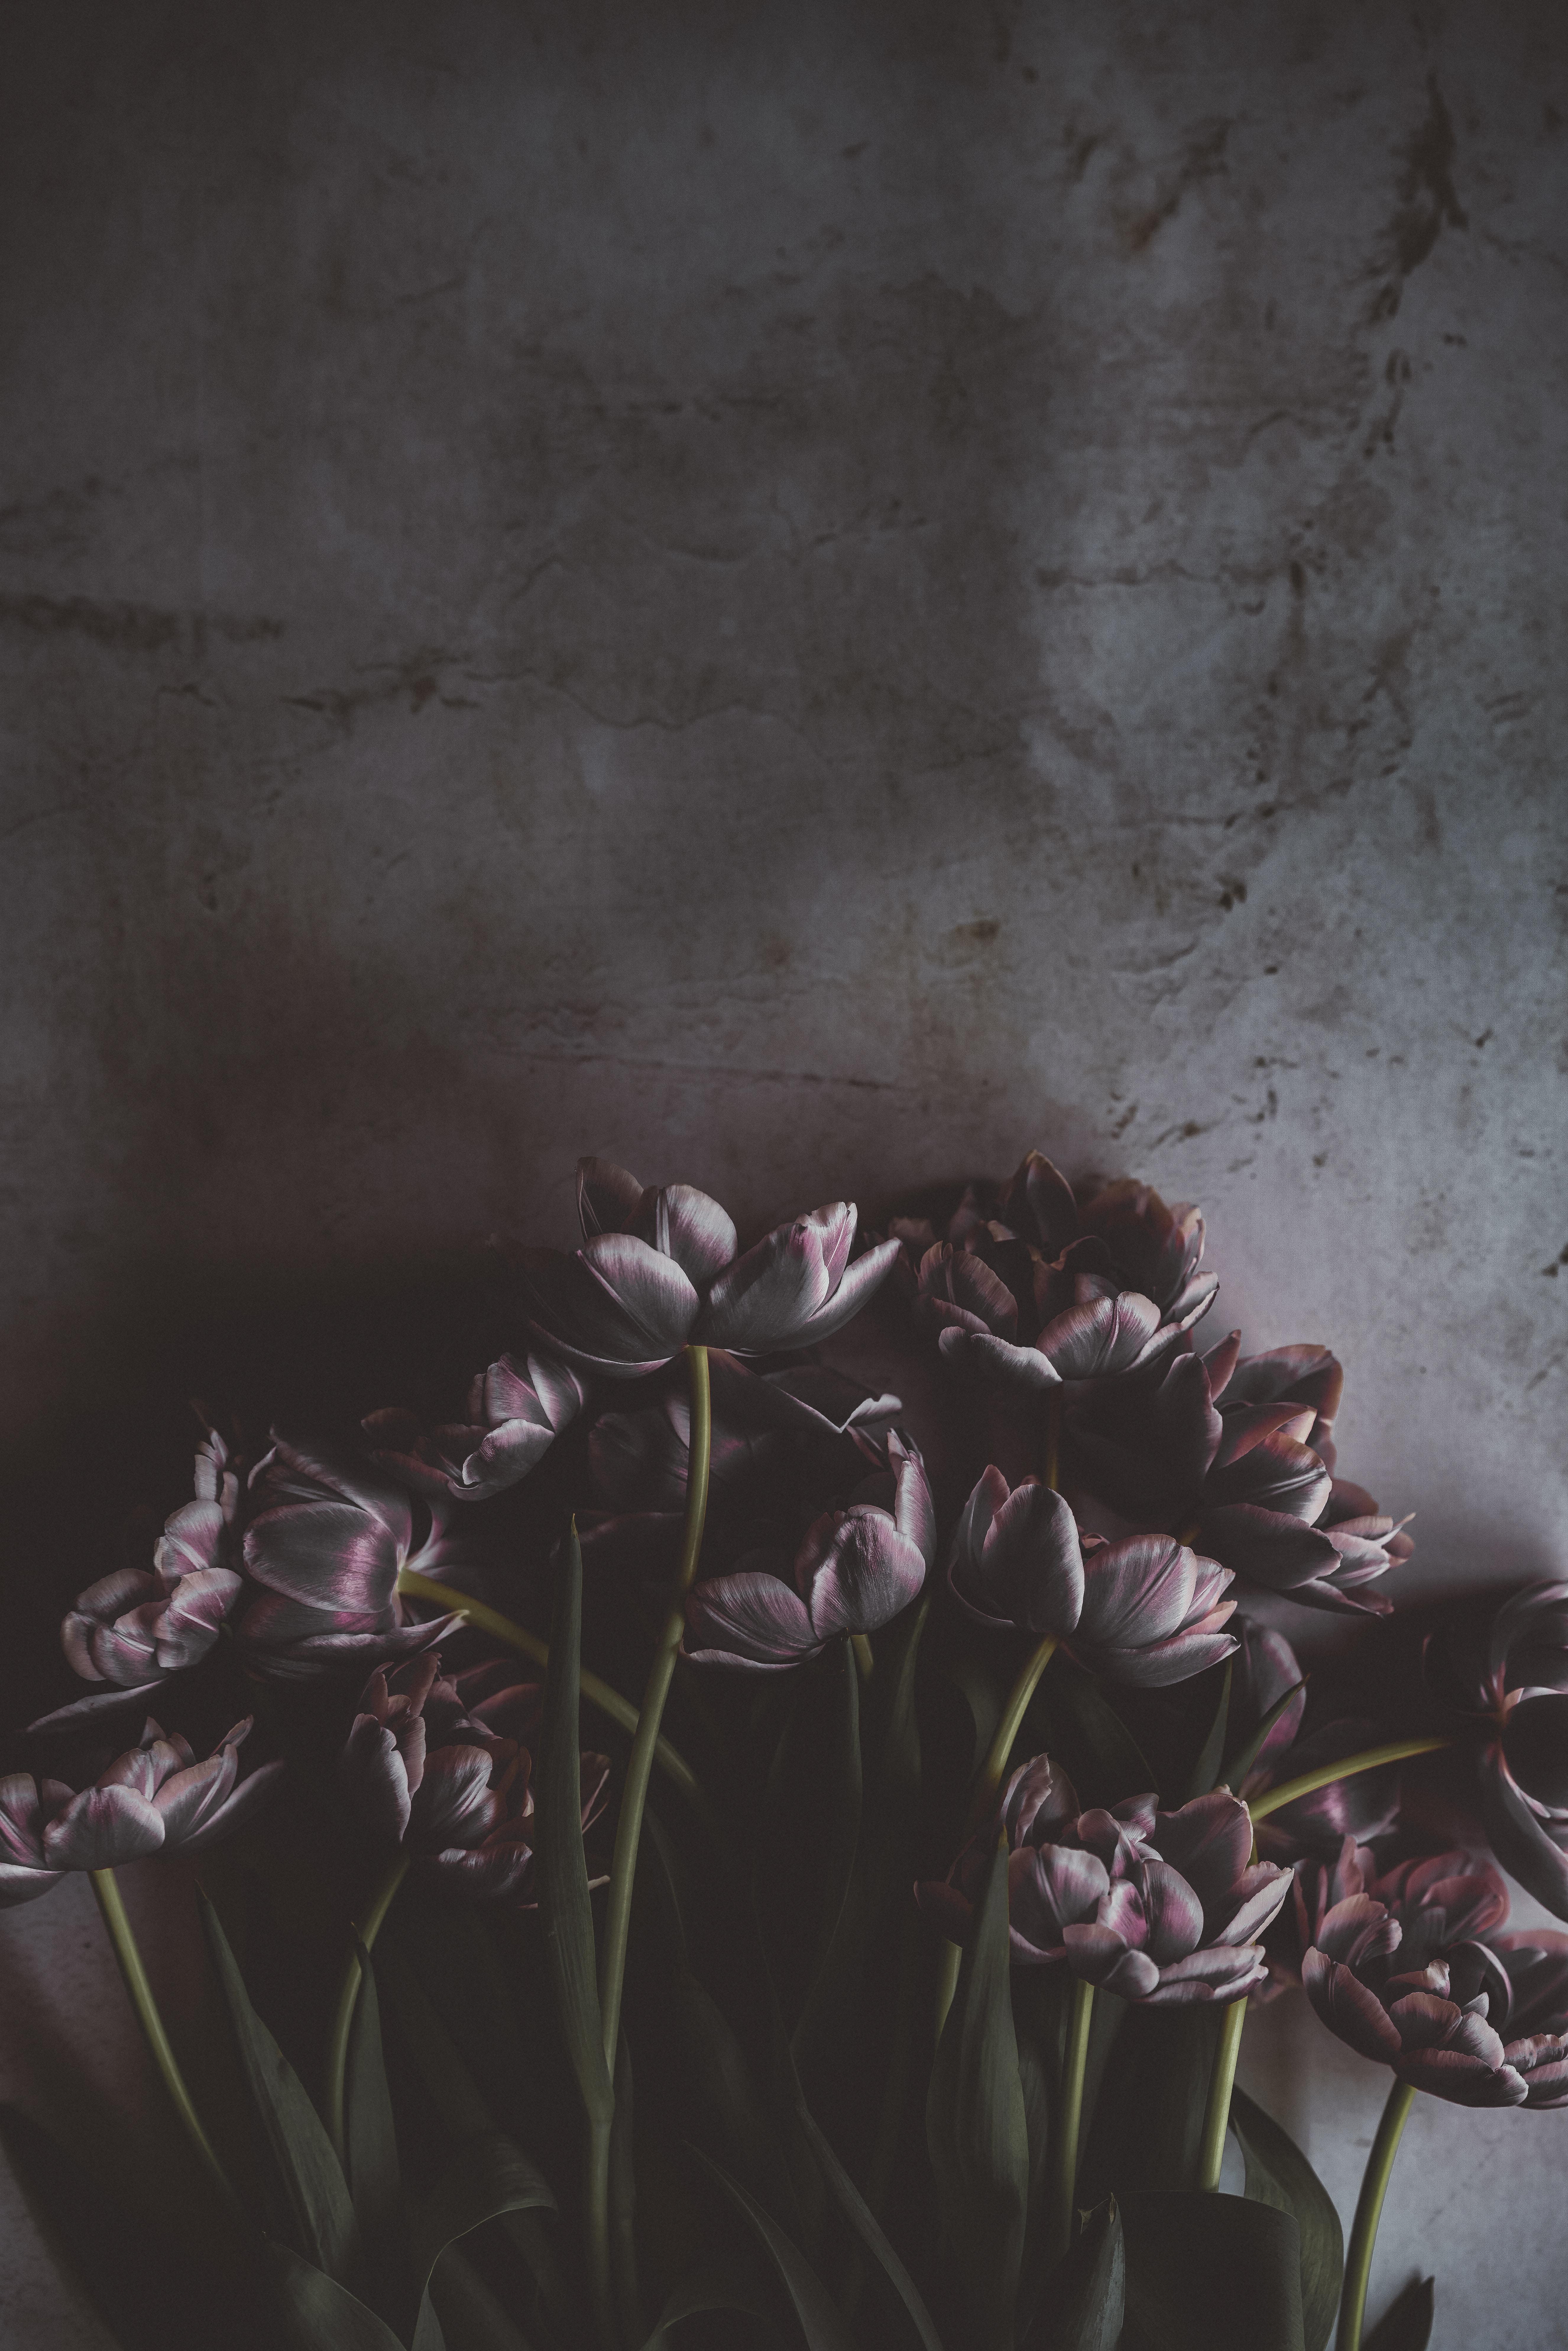 Wallpaper Tulips Flowers Bouquet Wall 5304x7952 Goodfon 1265257 Hd Wallpapers Wallhere